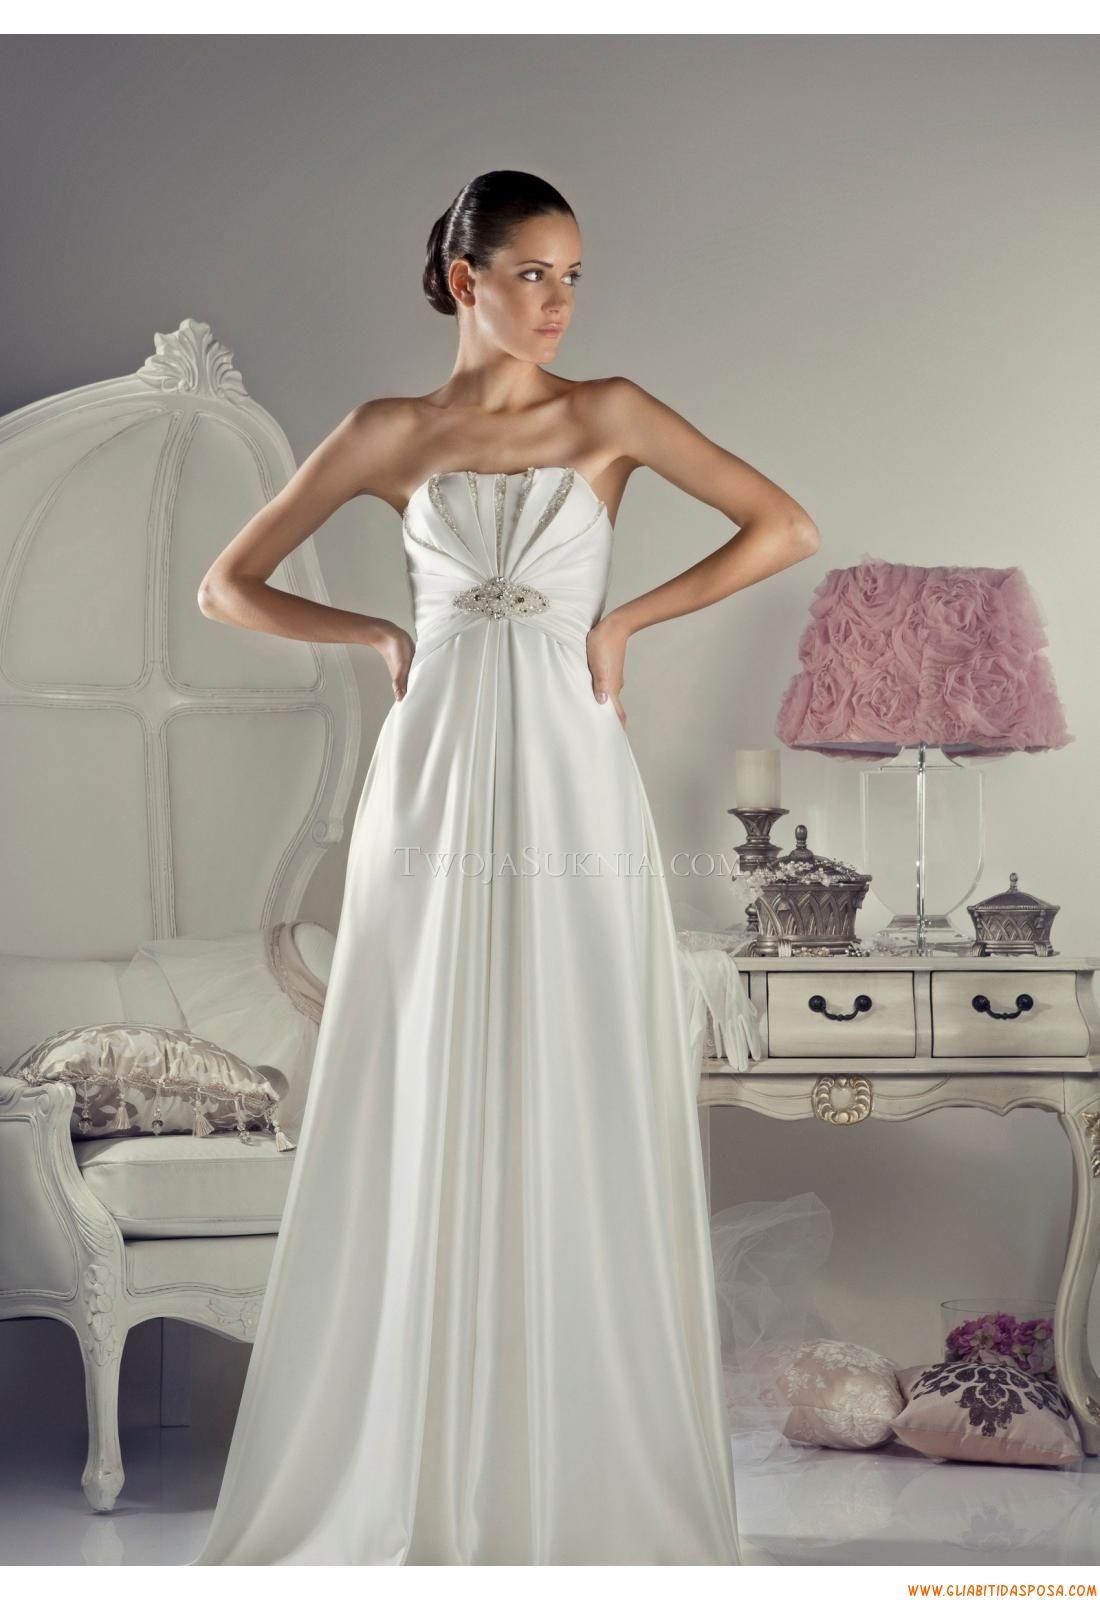 Semplice Senza Spalline Trapezio Abito Da Sposa In Raso Tanya Grig Nina Wedding Dresses Inexpensive Wedding Dresses Wedding Dress Organza